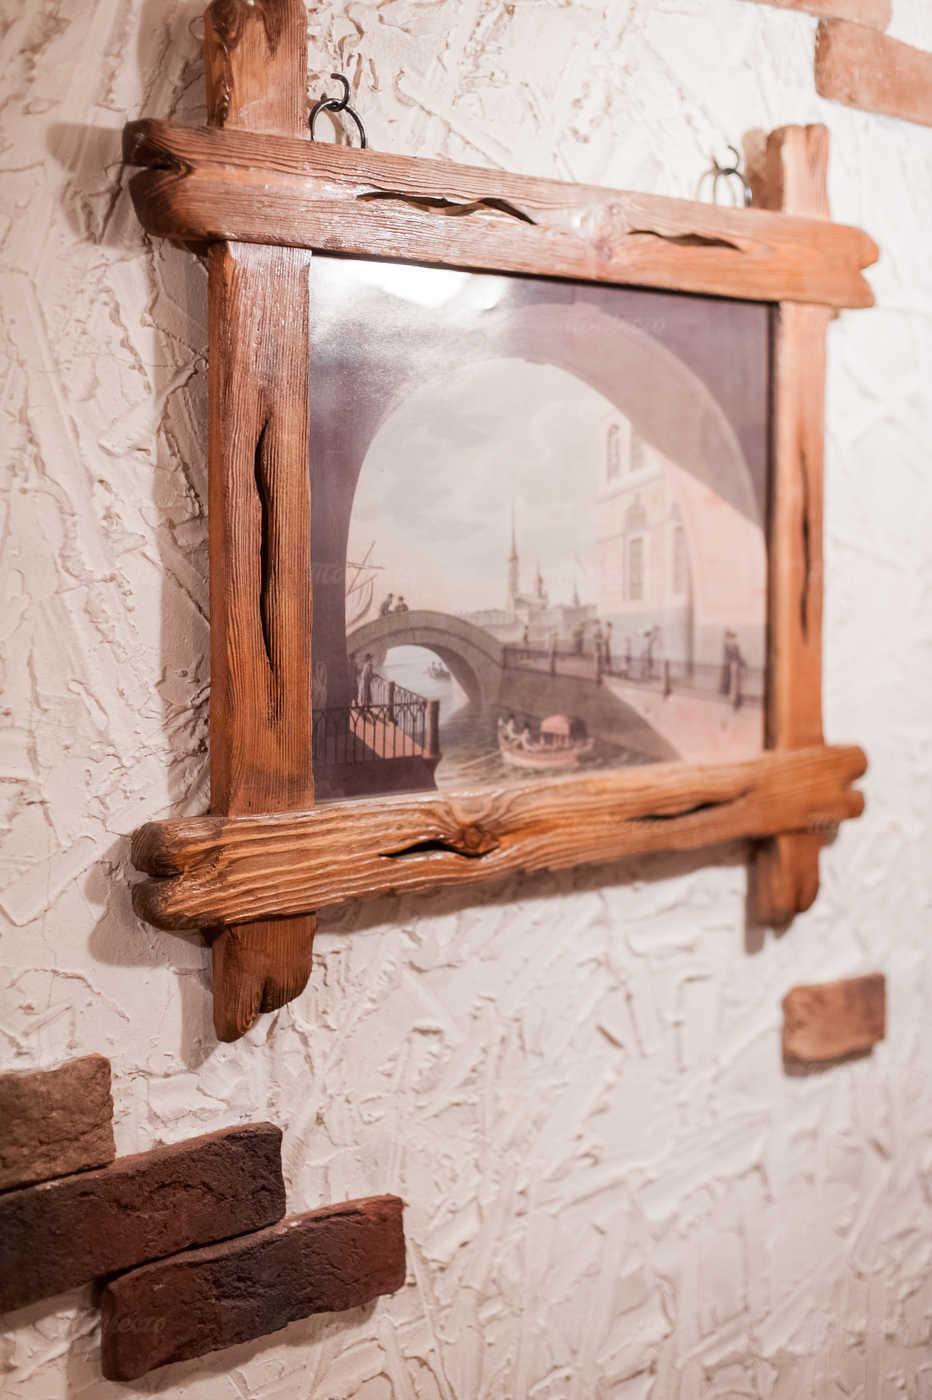 Меню бара, ресторана Каретный дворик в набережной канале Грибоедовой